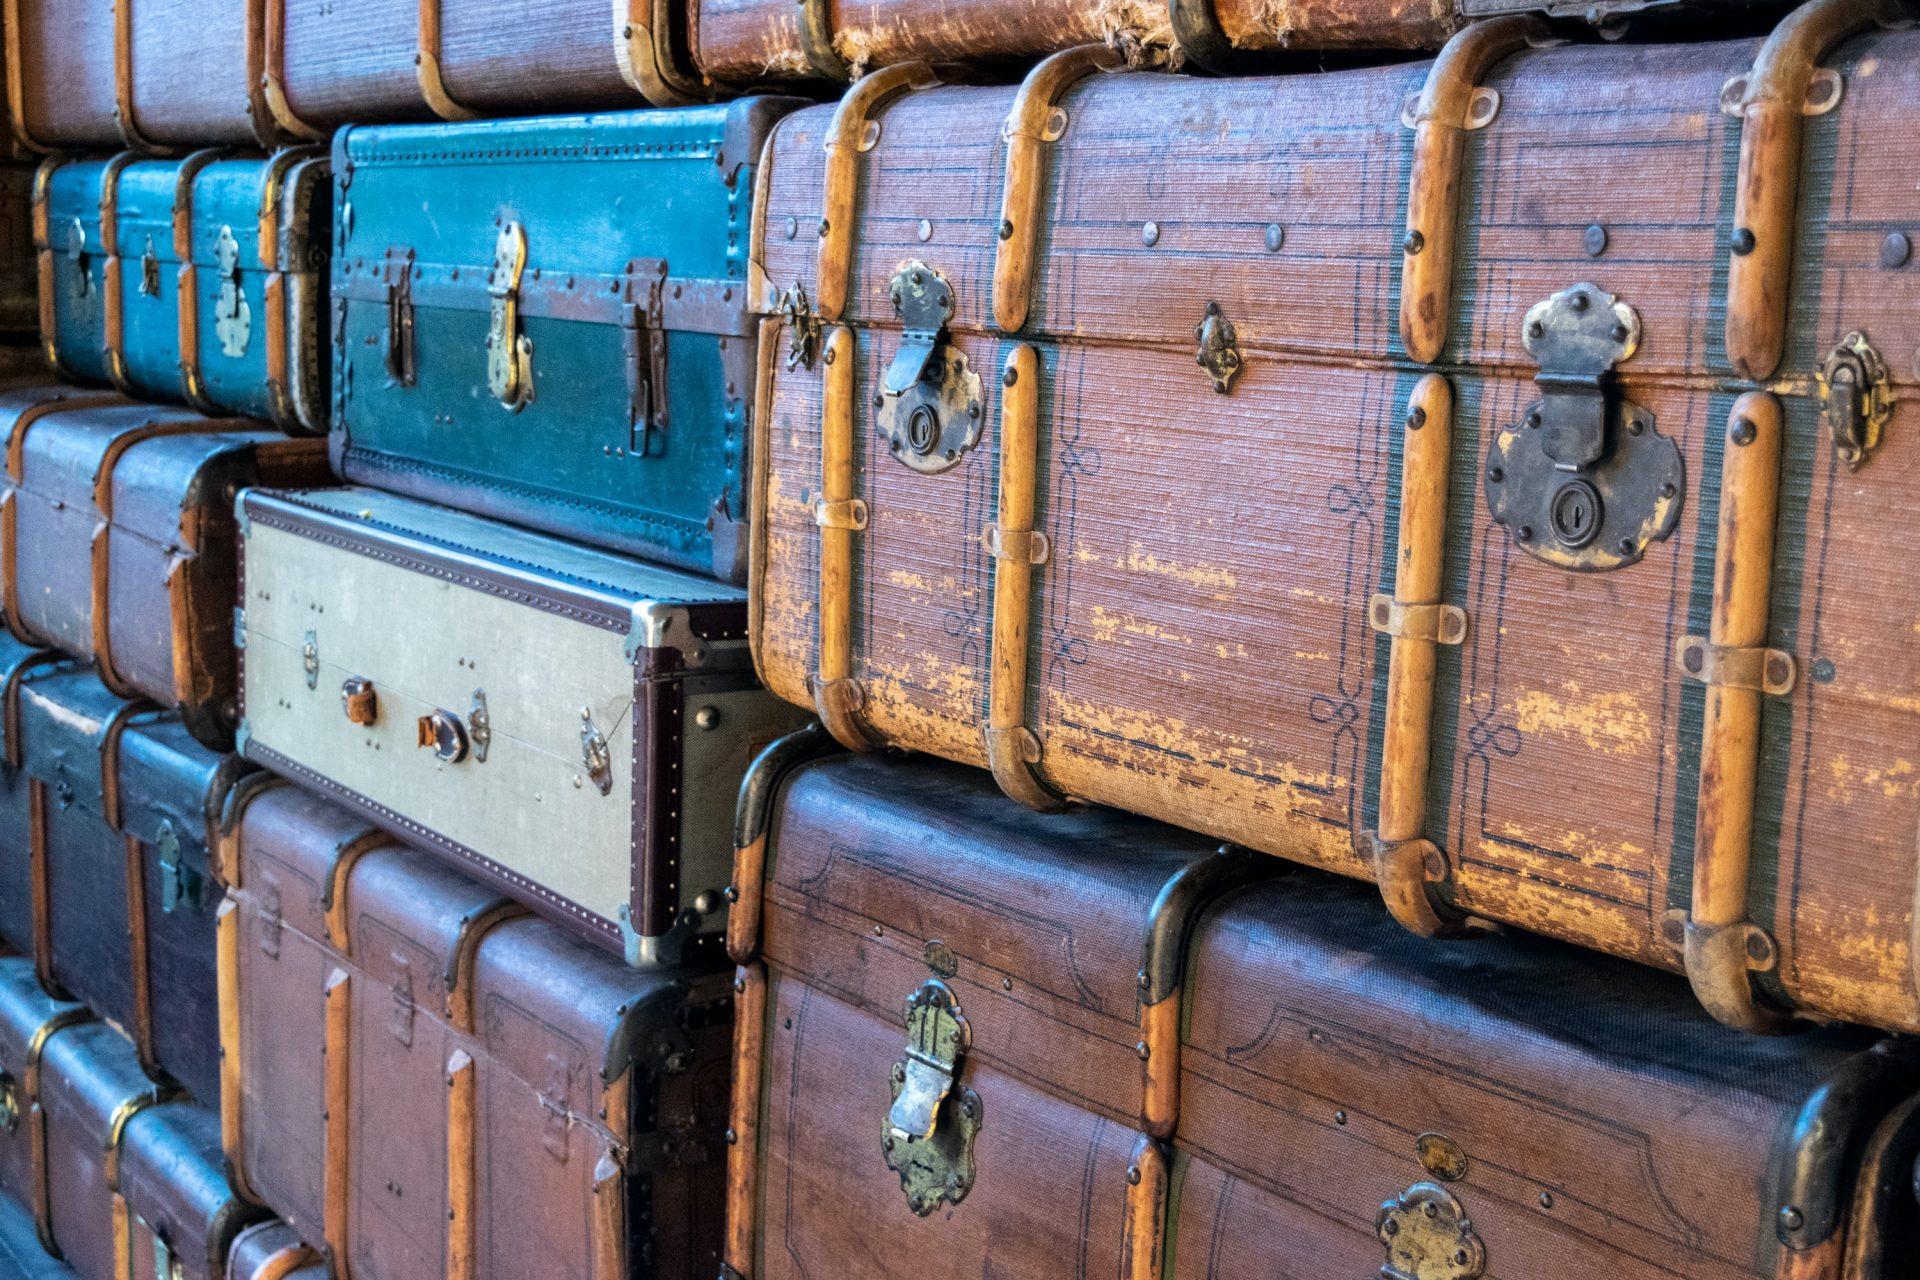 スーツケースの捨て方とは?処分方法・手順も含めて解説します!